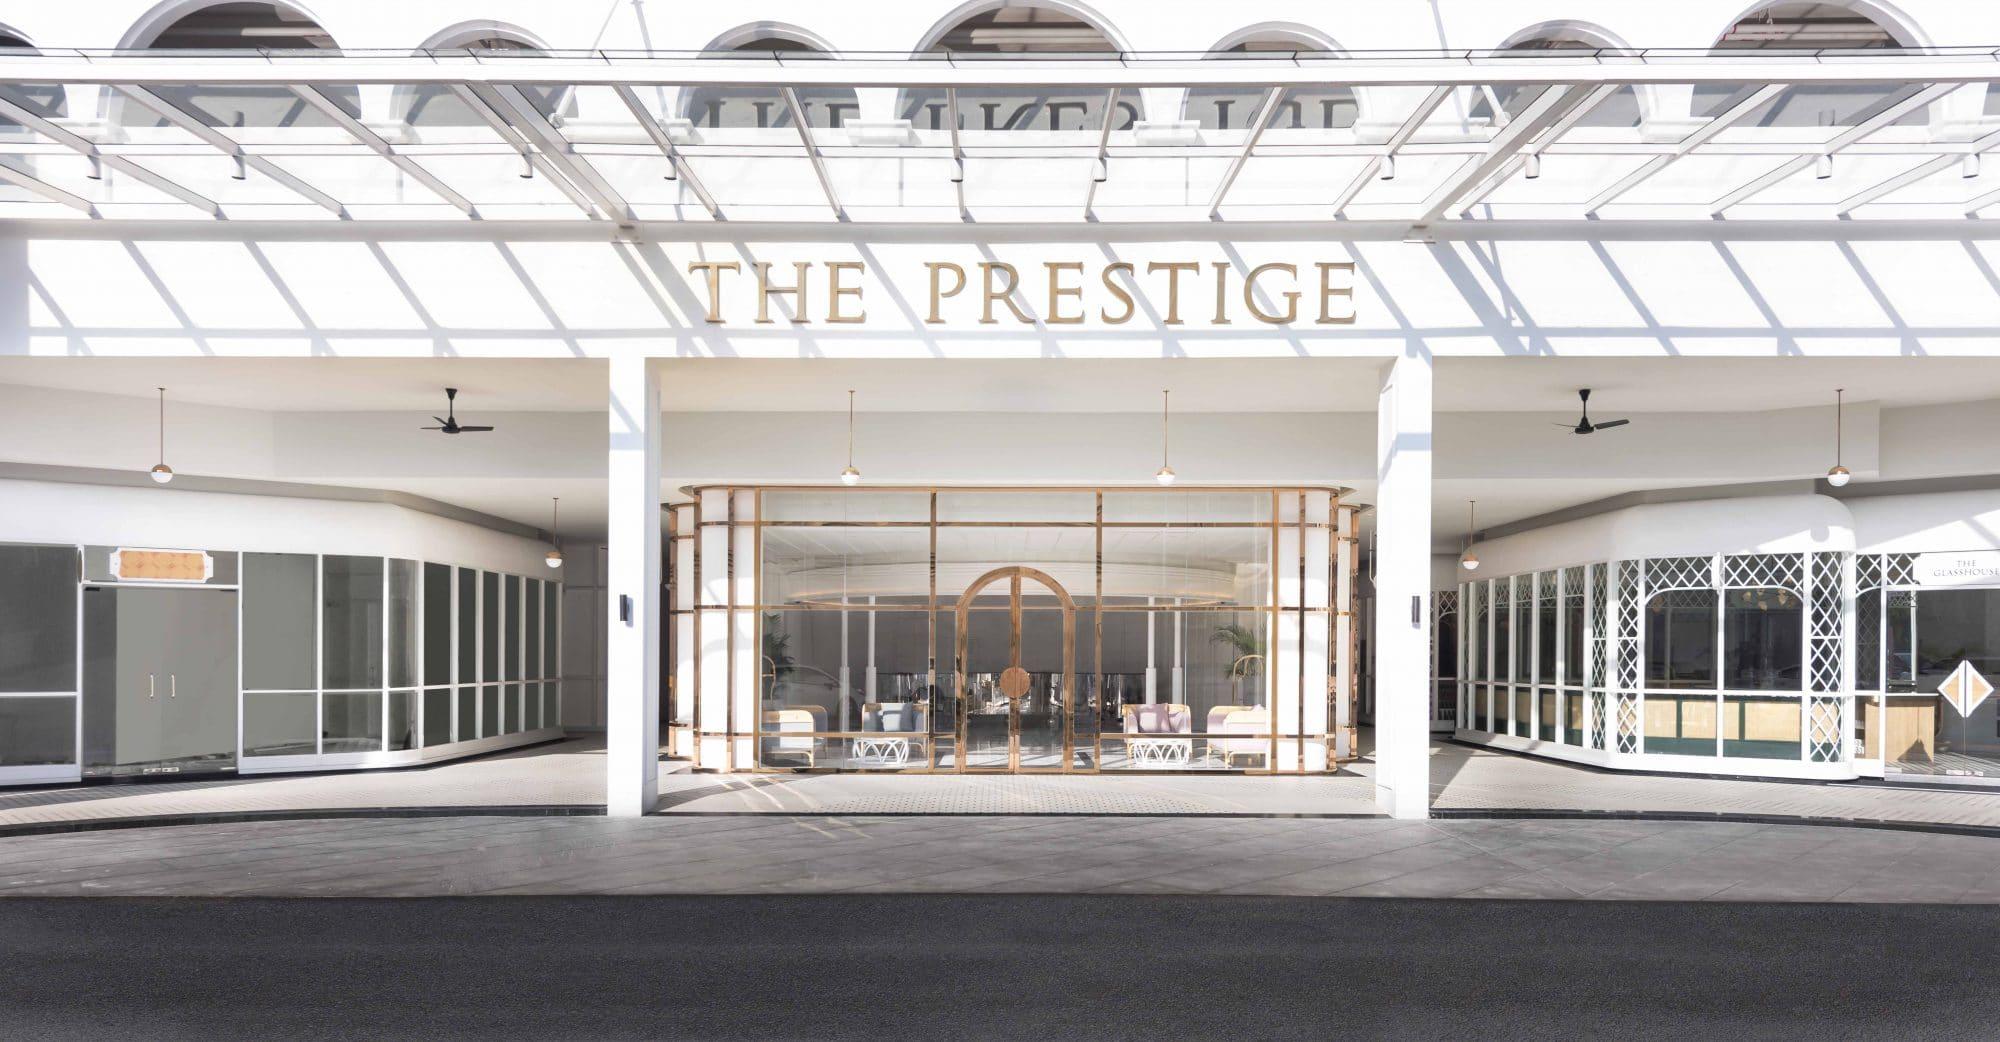 prestige hotel, ministry of design, penang